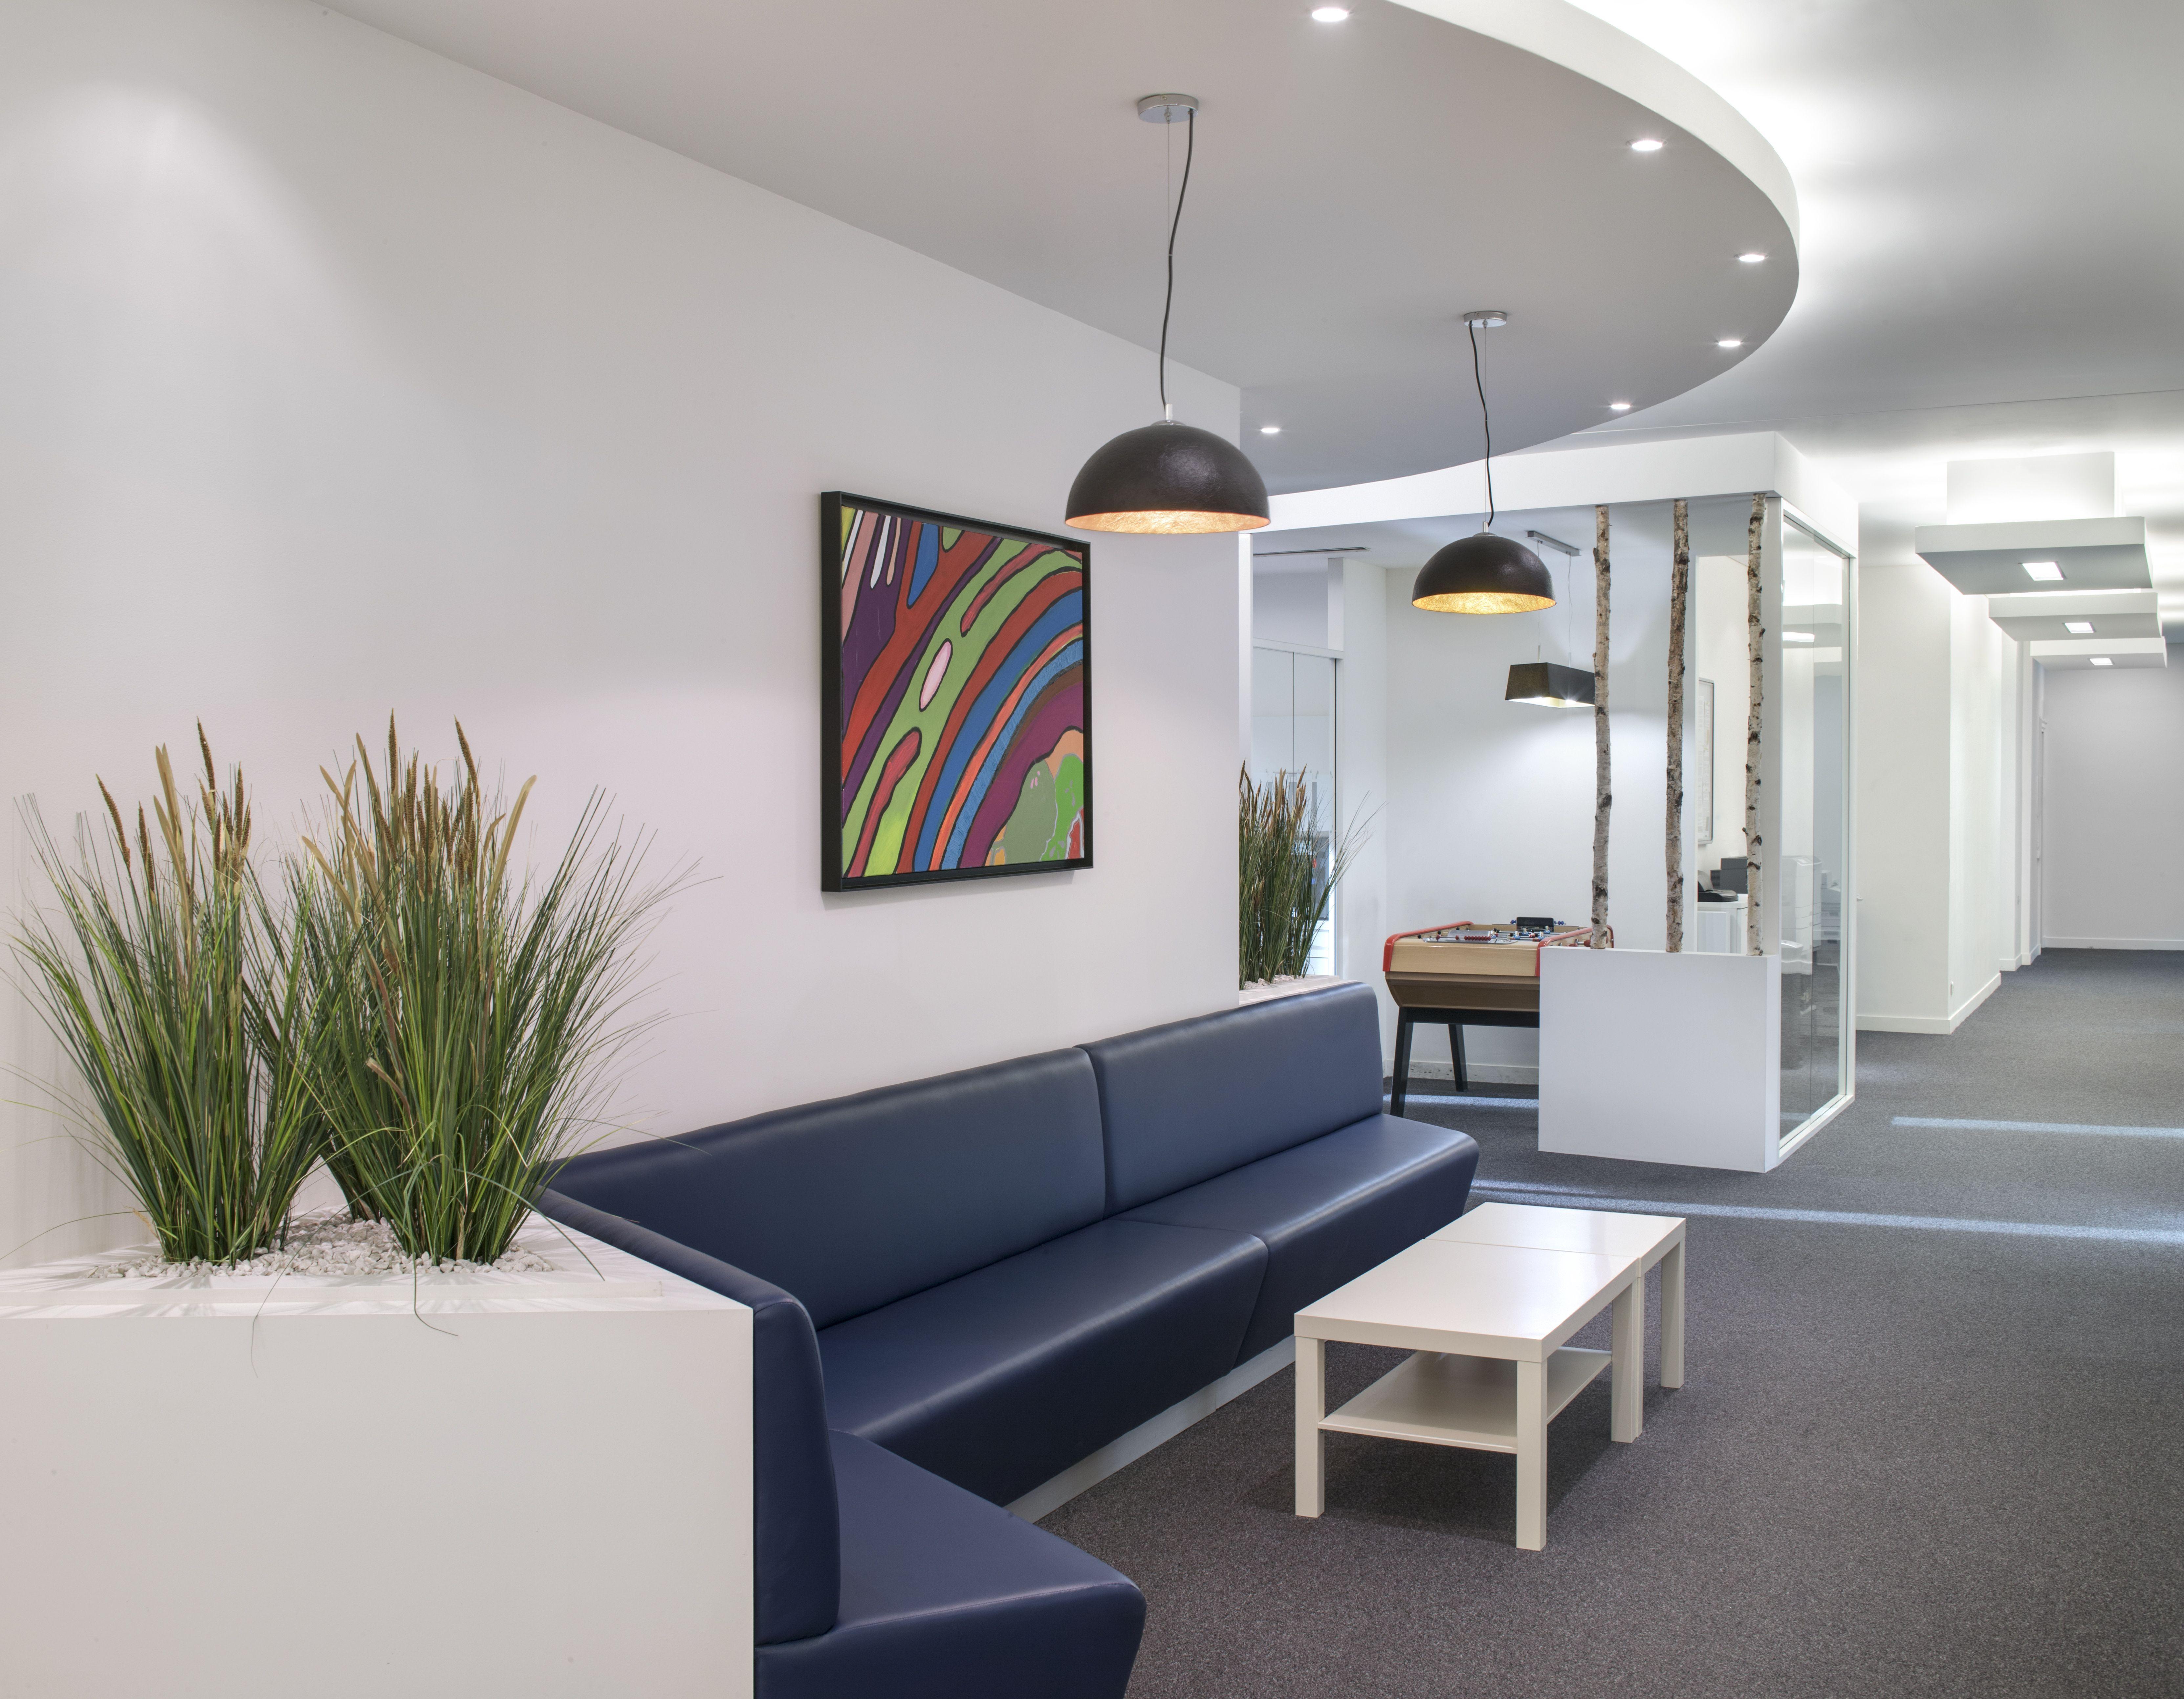 Comment concevoir un espace d\'accueil ? exemples d\'inspirations ...